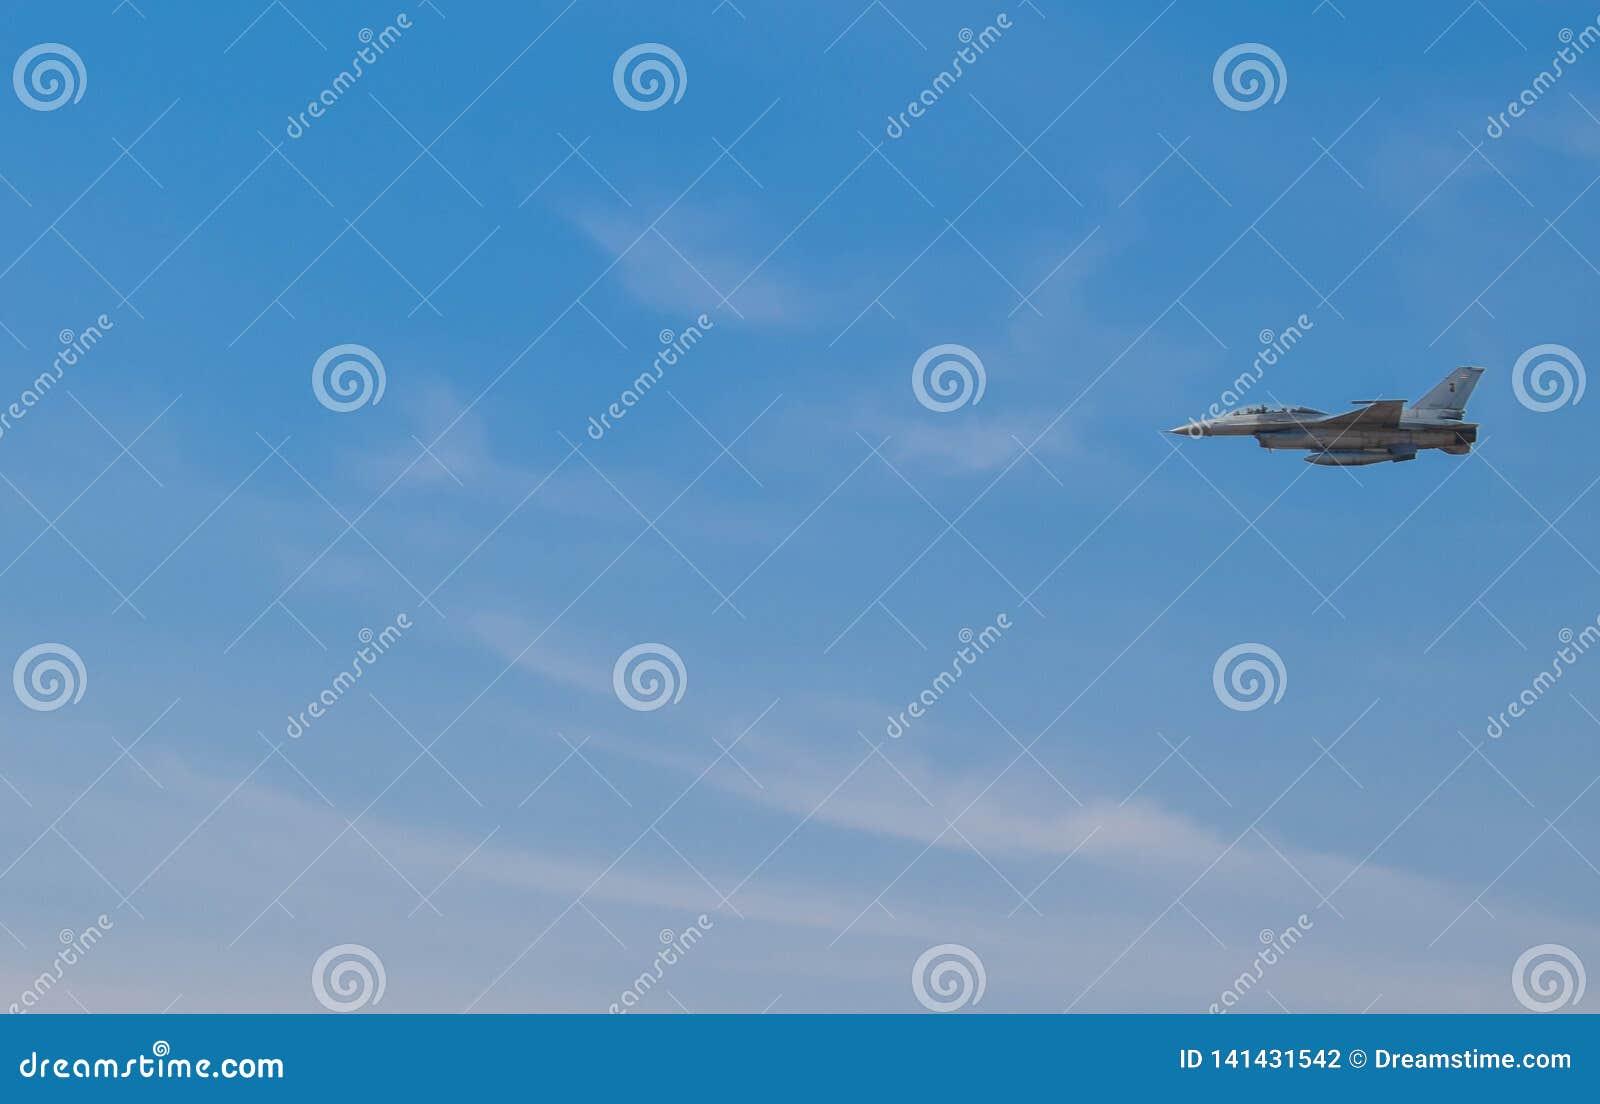 Los aviones de combate están volando sobre el espacio aéreo tailandés En el cielo azul brillante